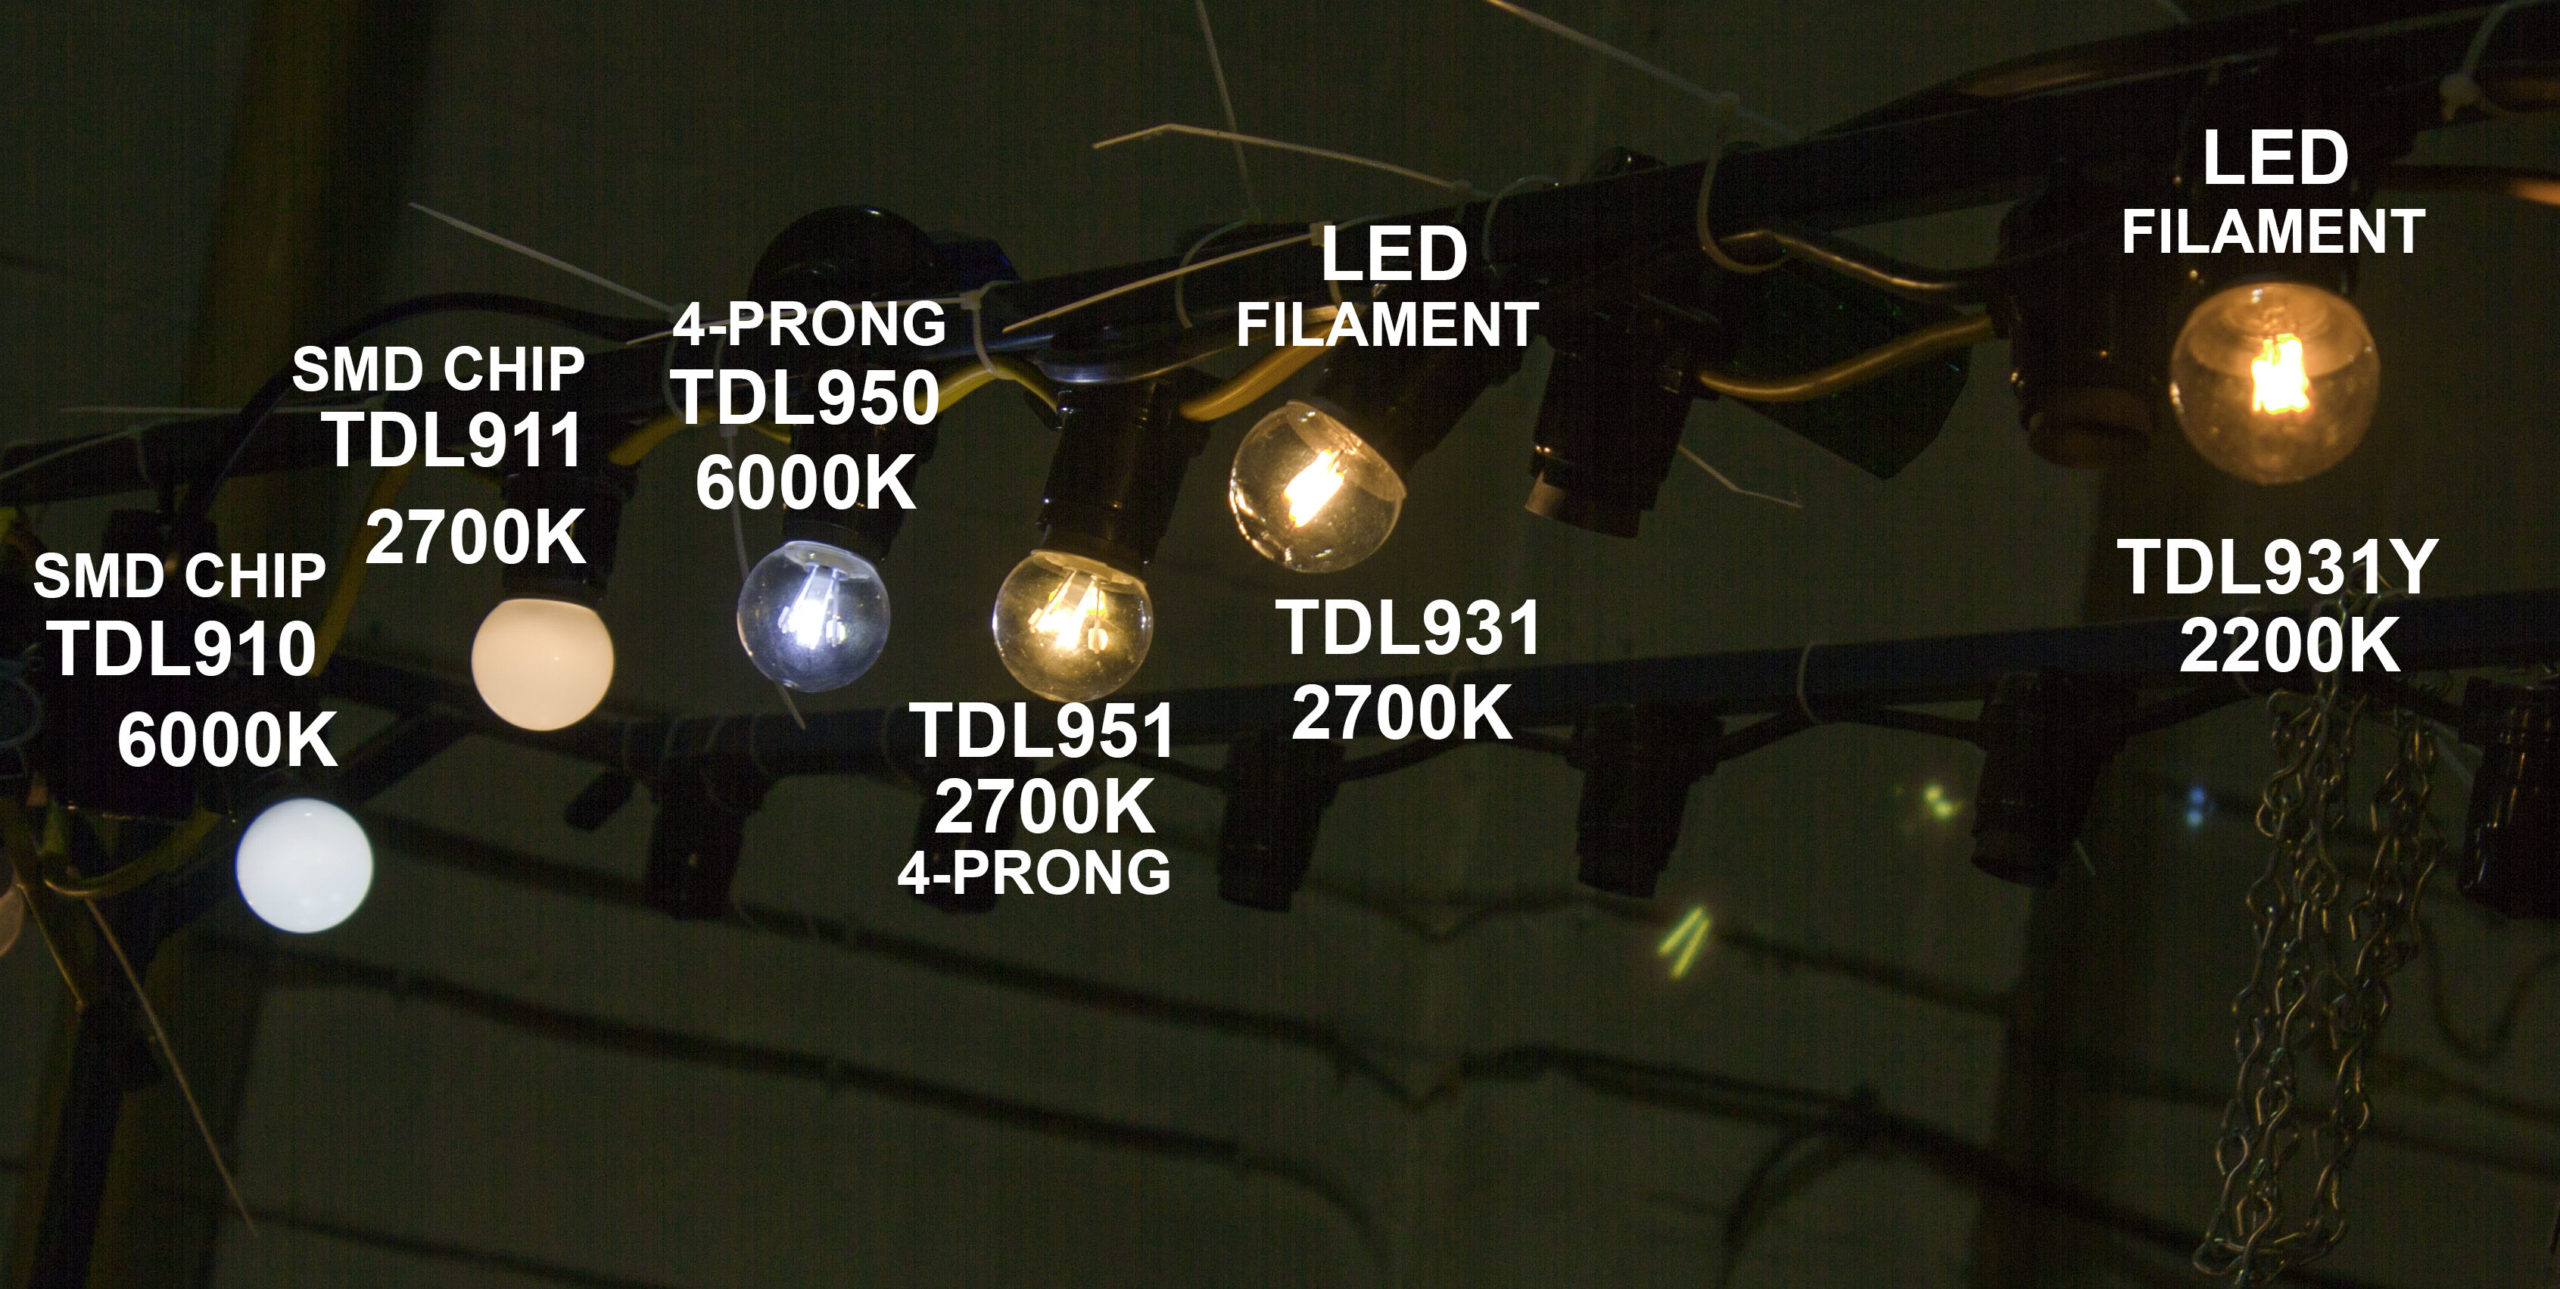 LED Lamp comparison